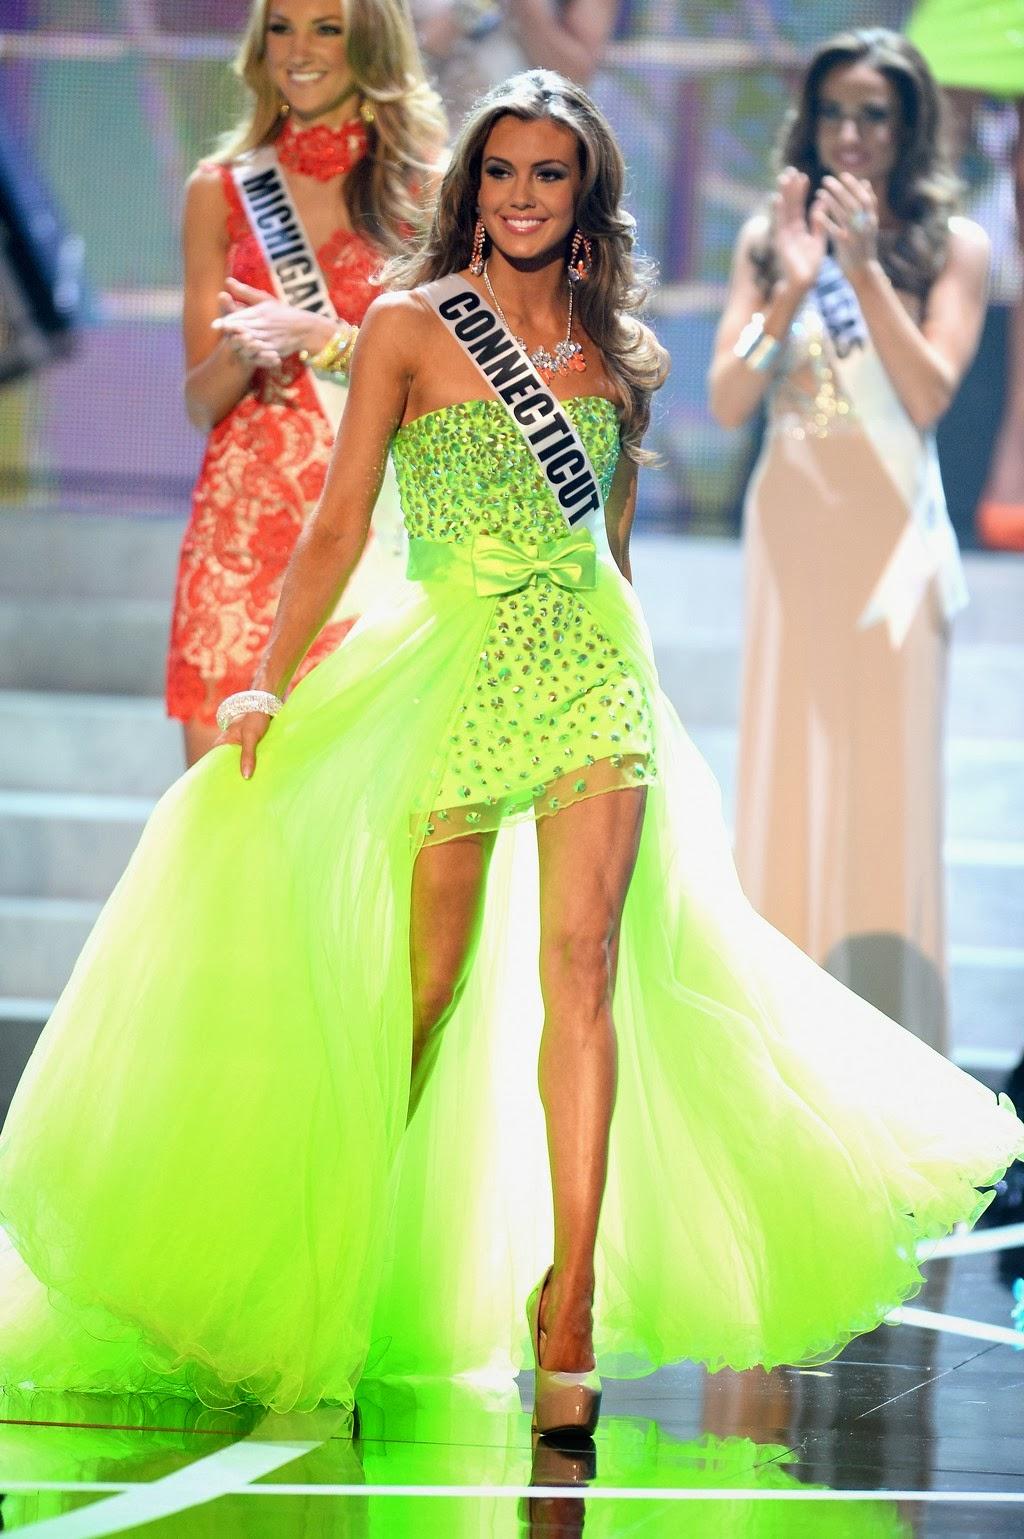 Защита платья на конкурсе мисс